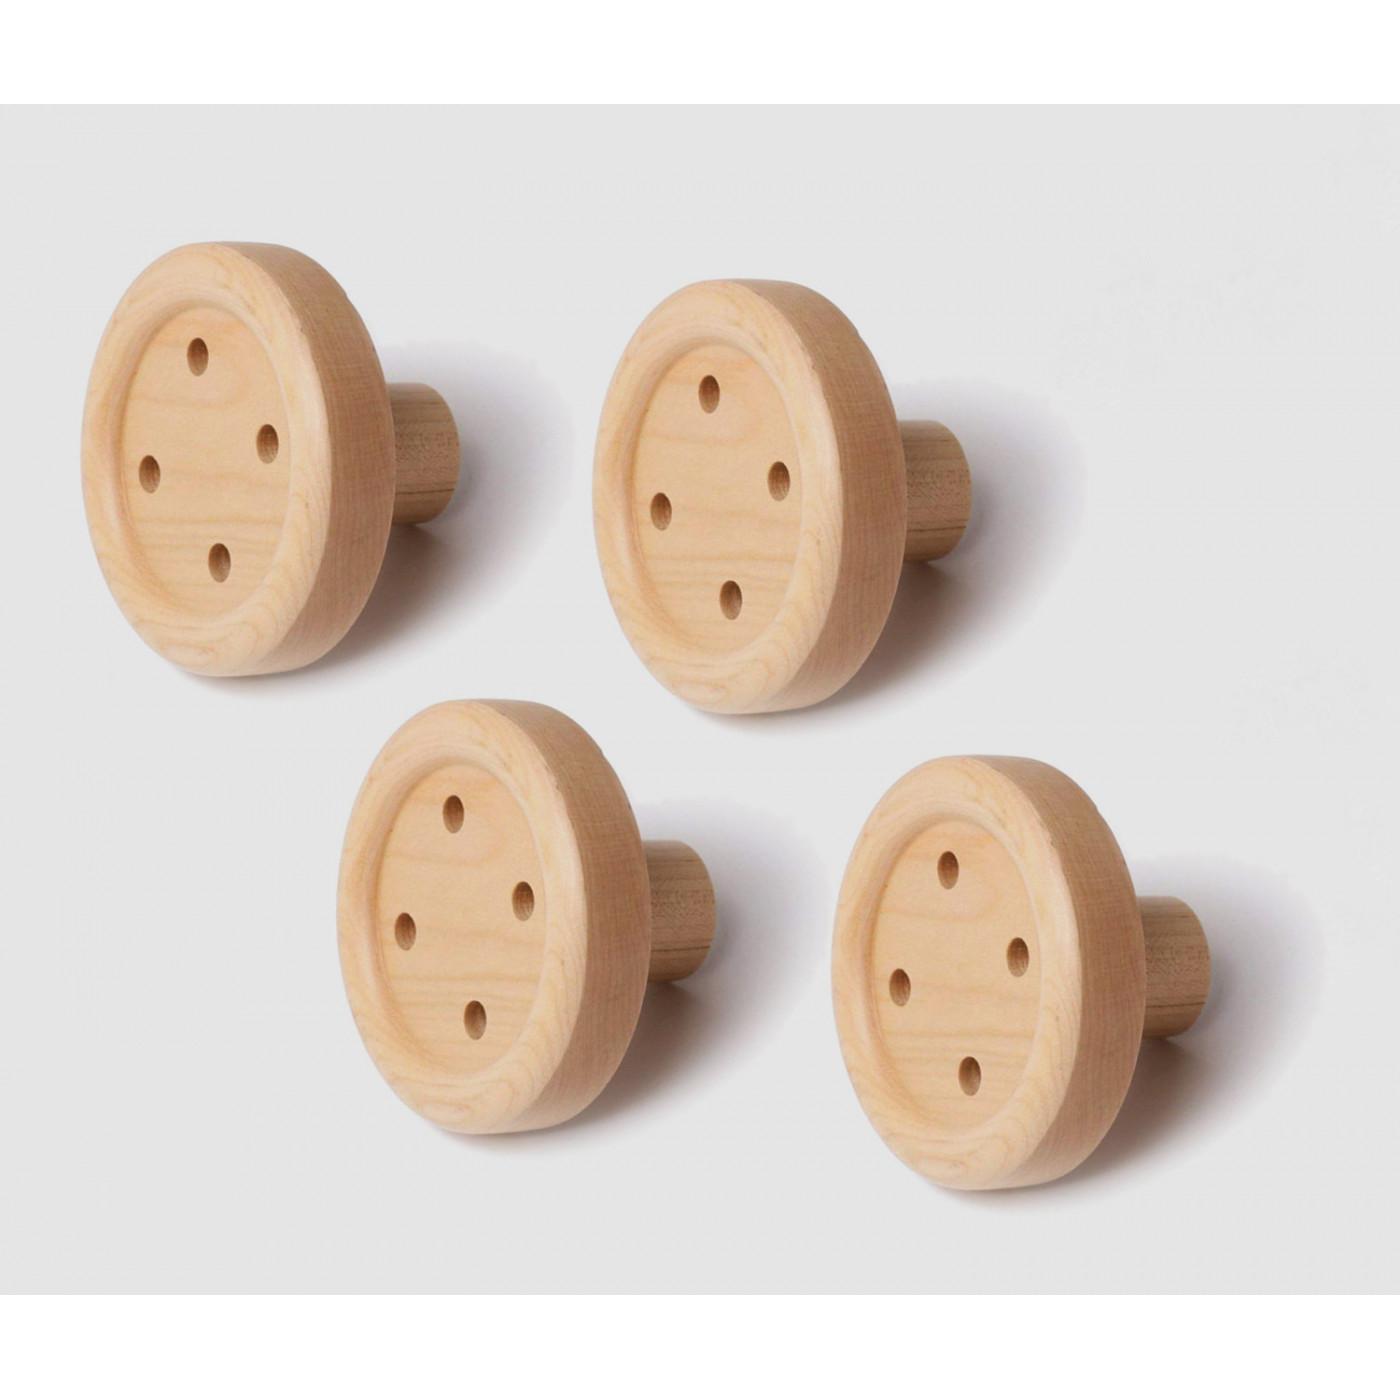 Conjunto de 4 ganchos de ropa de madera divertidos (botones)  - 1